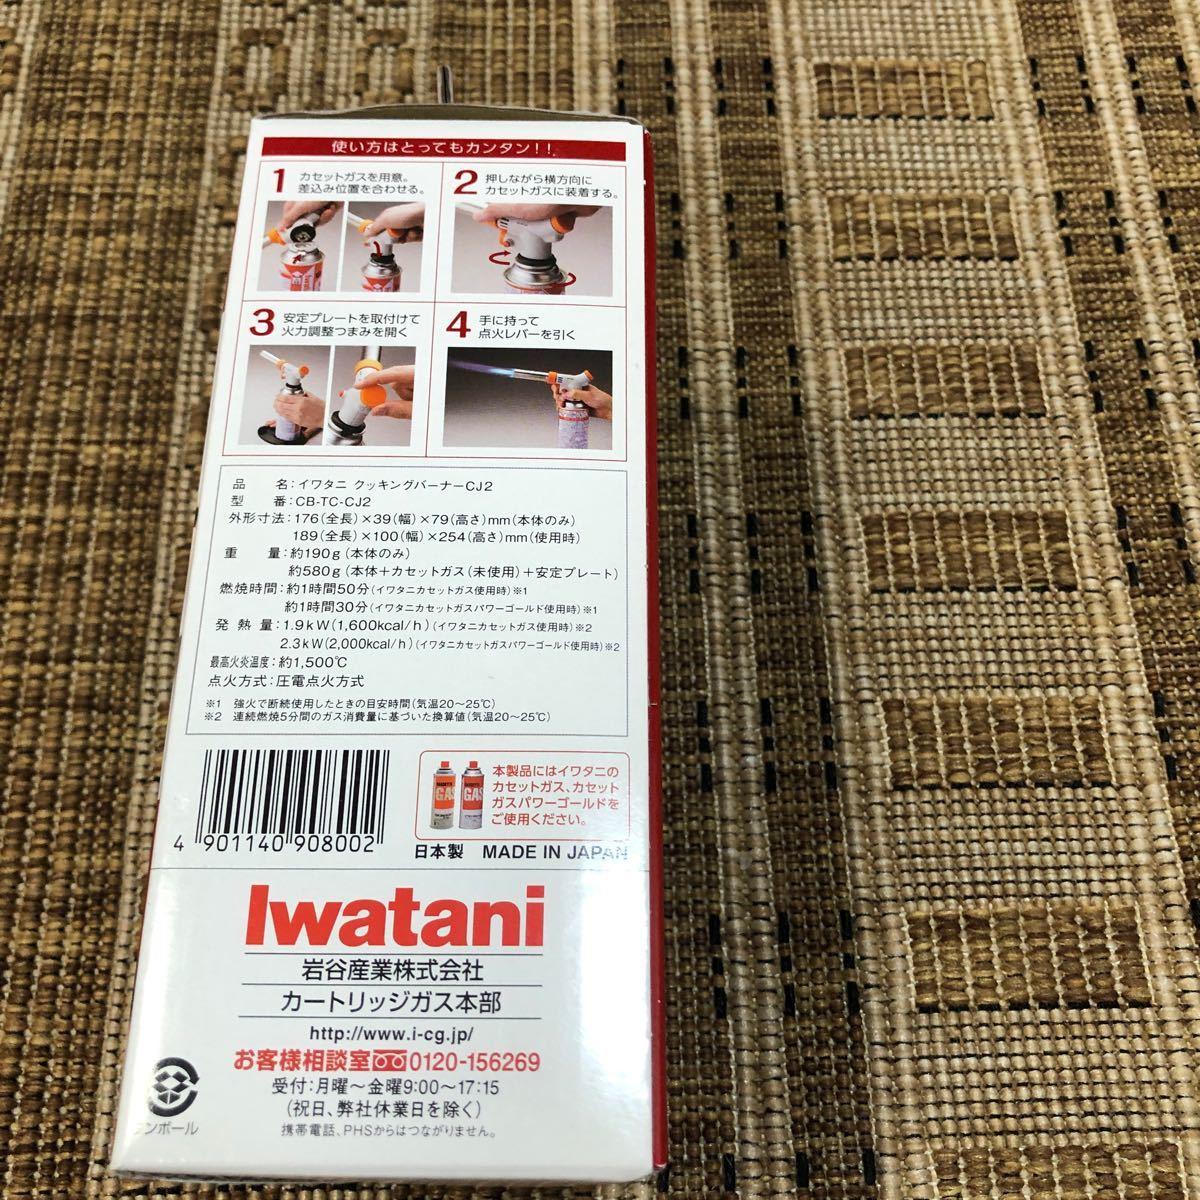 イワタニ カセットガス クッキングバーナー CJ2